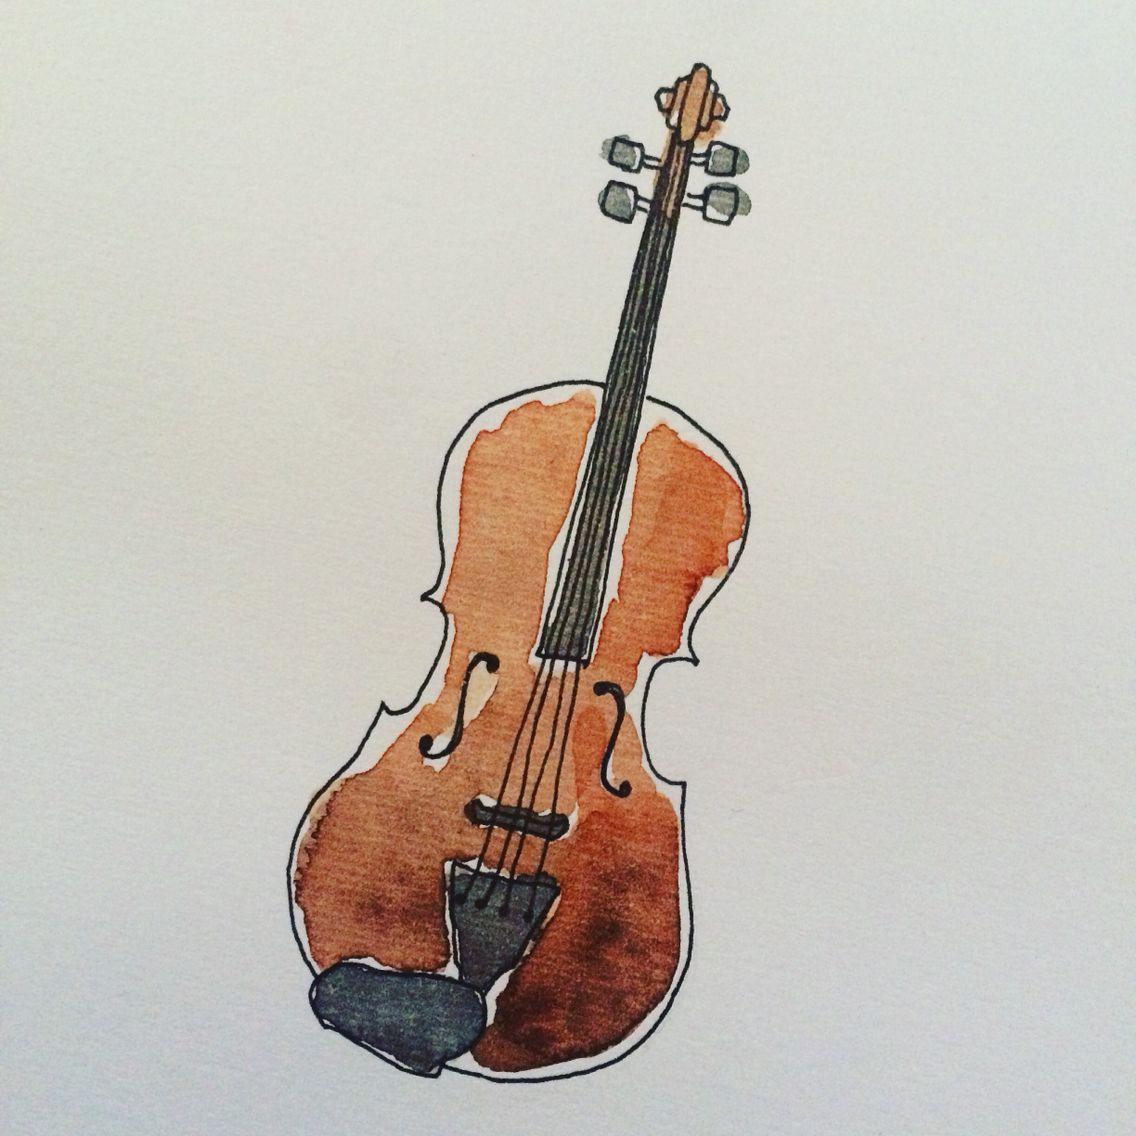 Violin Wallpaper: À�水彩画】バイオリン / Illust,violin,watercolor